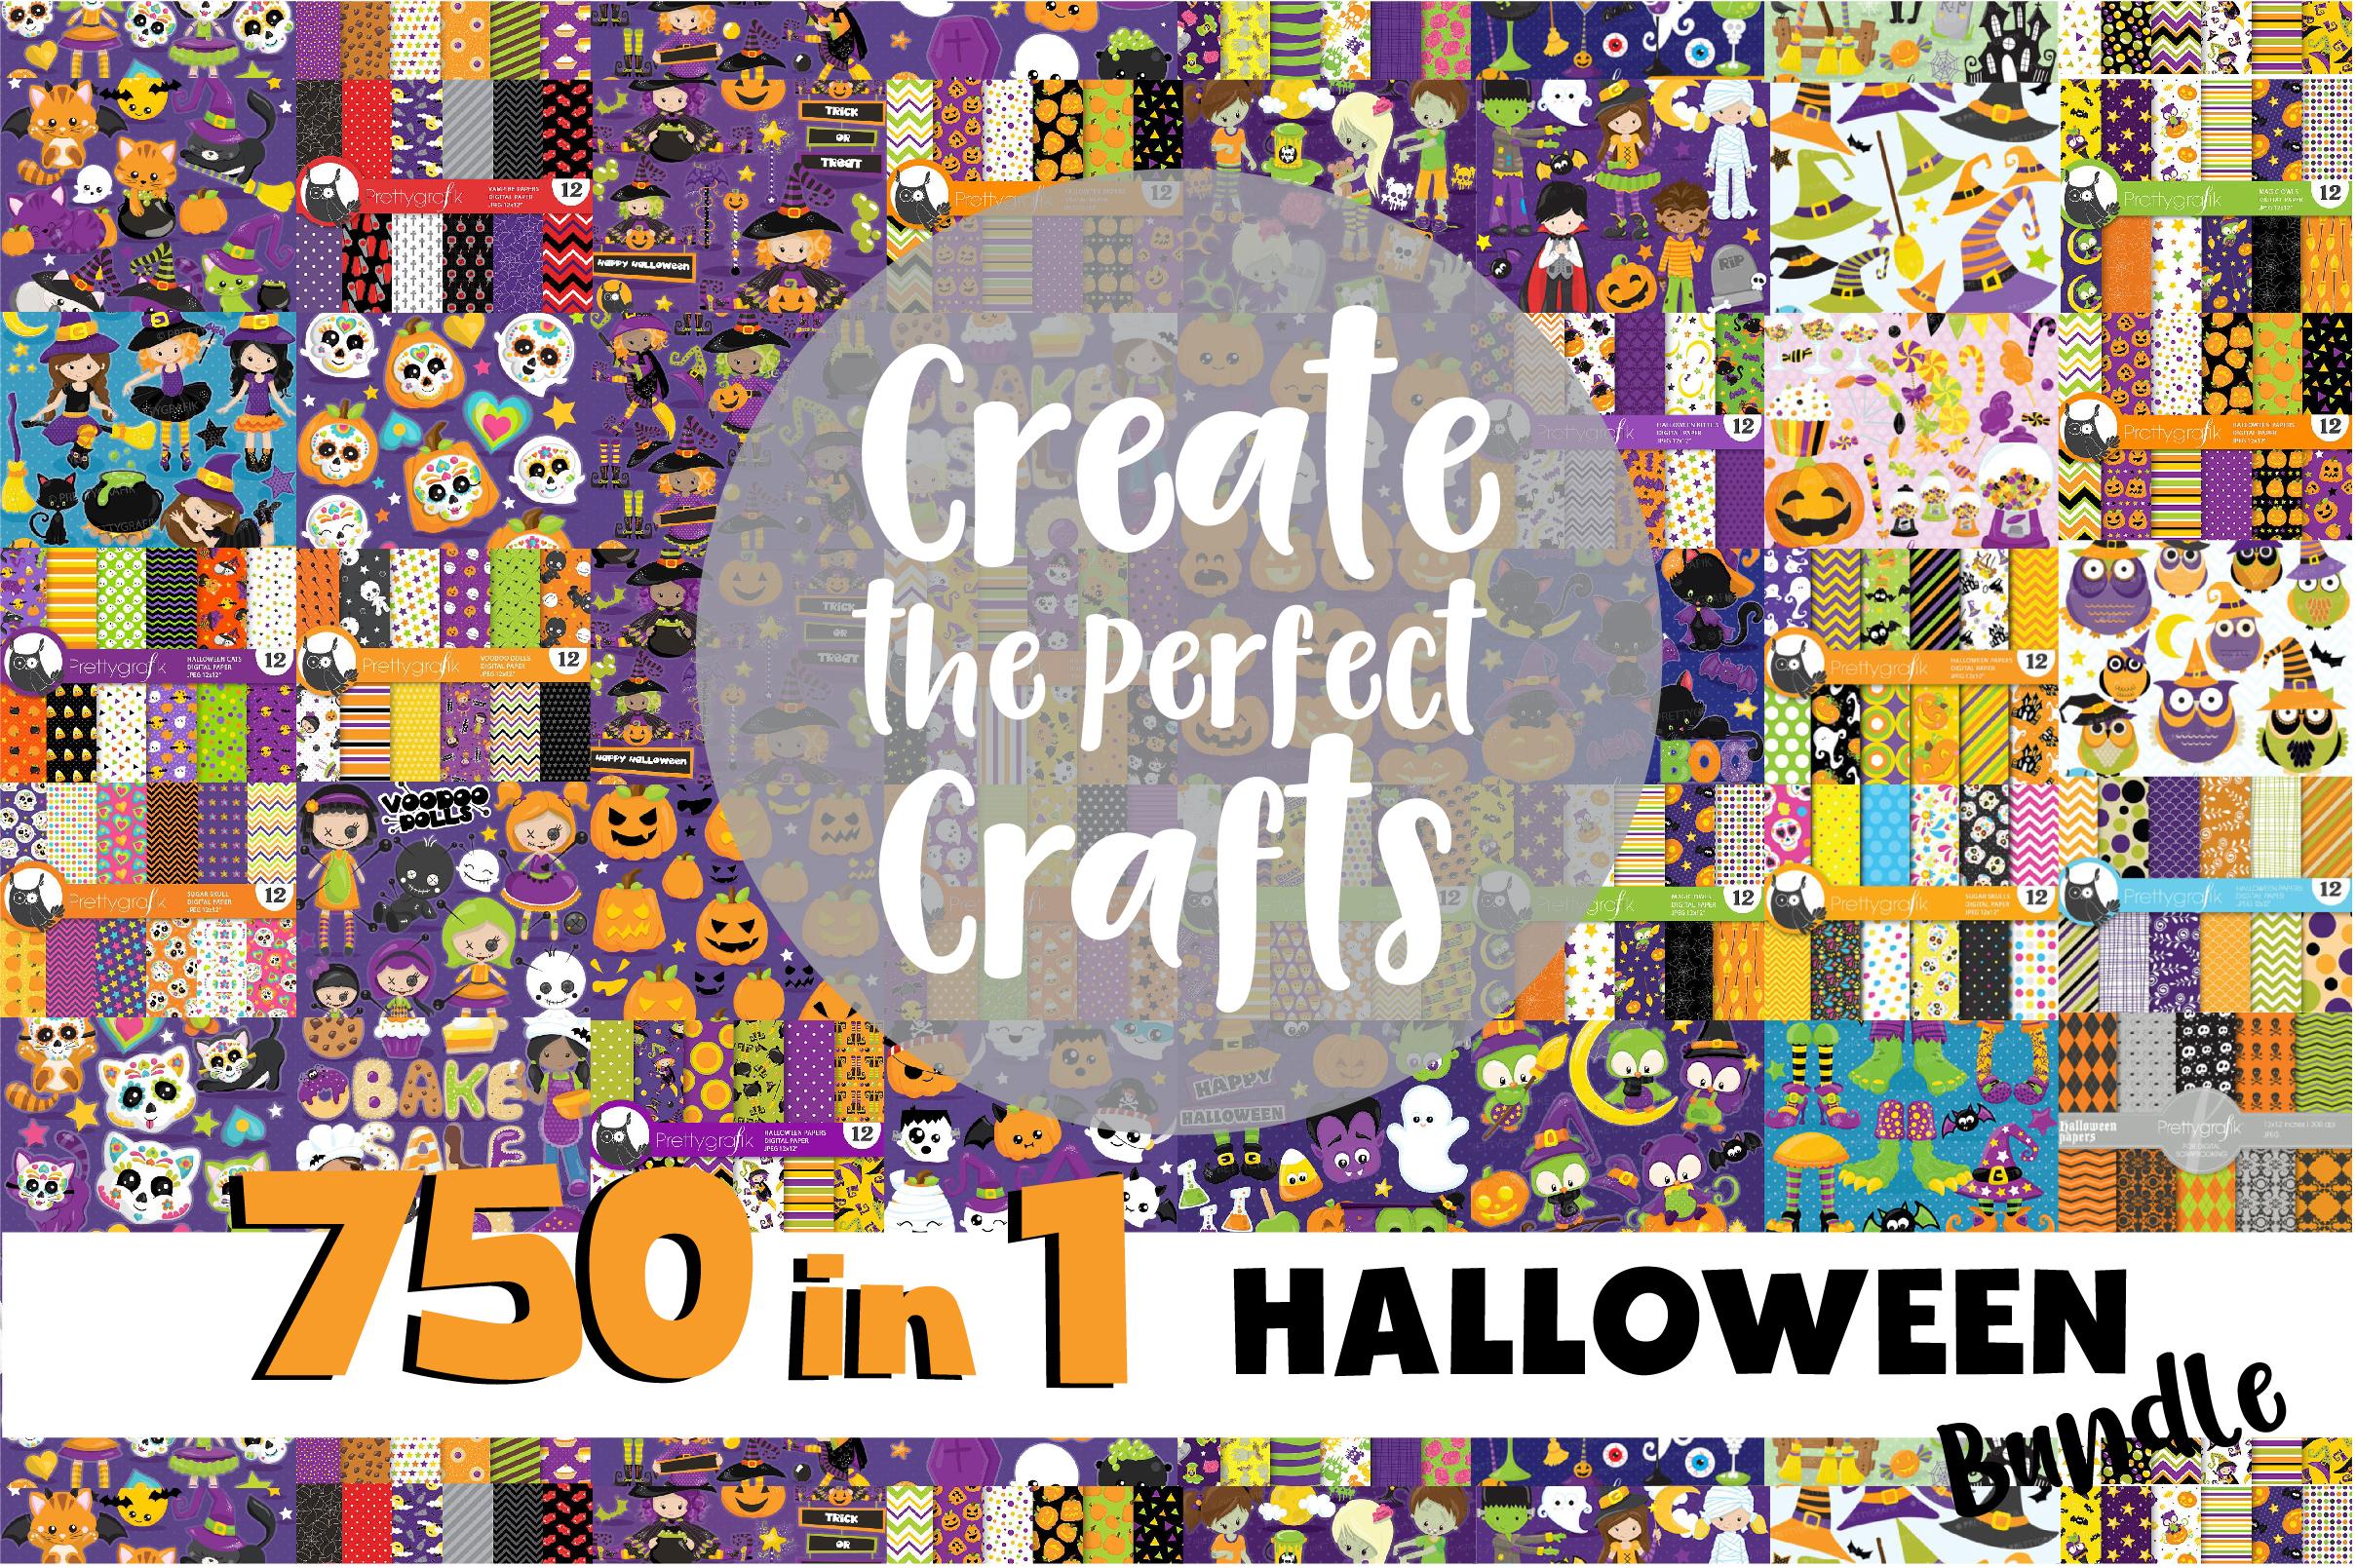 750 in 1 - Halloween Bundle - 95OFF - $10 instead of $150 ! example image 2